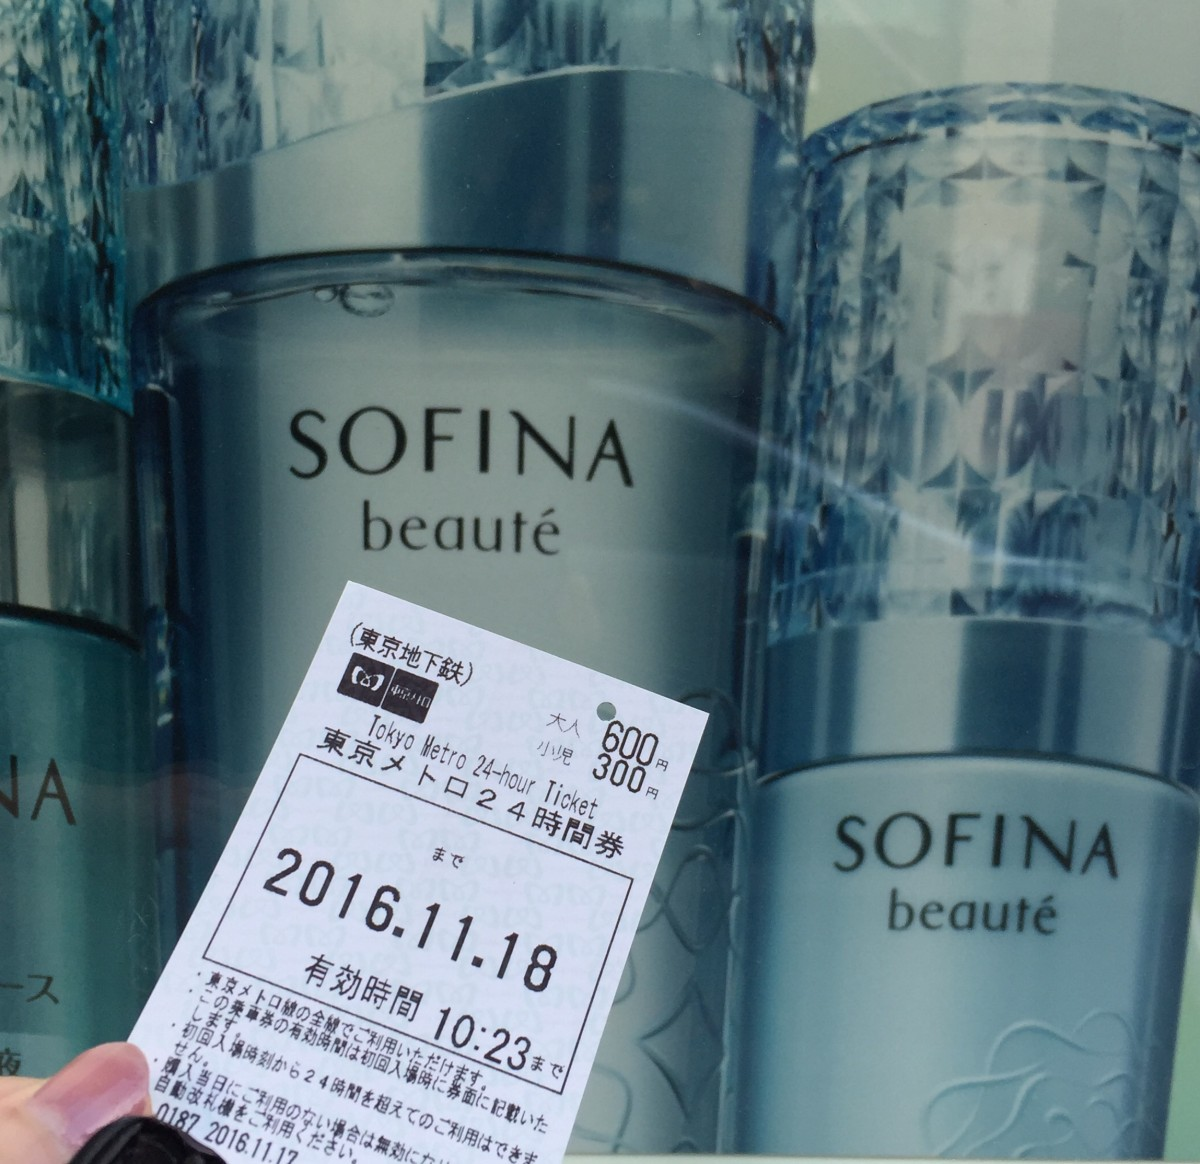 これは本当にお得。あちこち取材に動く日に活用しています!東京メトロ一日券は買った時間から日にちをまたいで24時間乗り放題で600円!